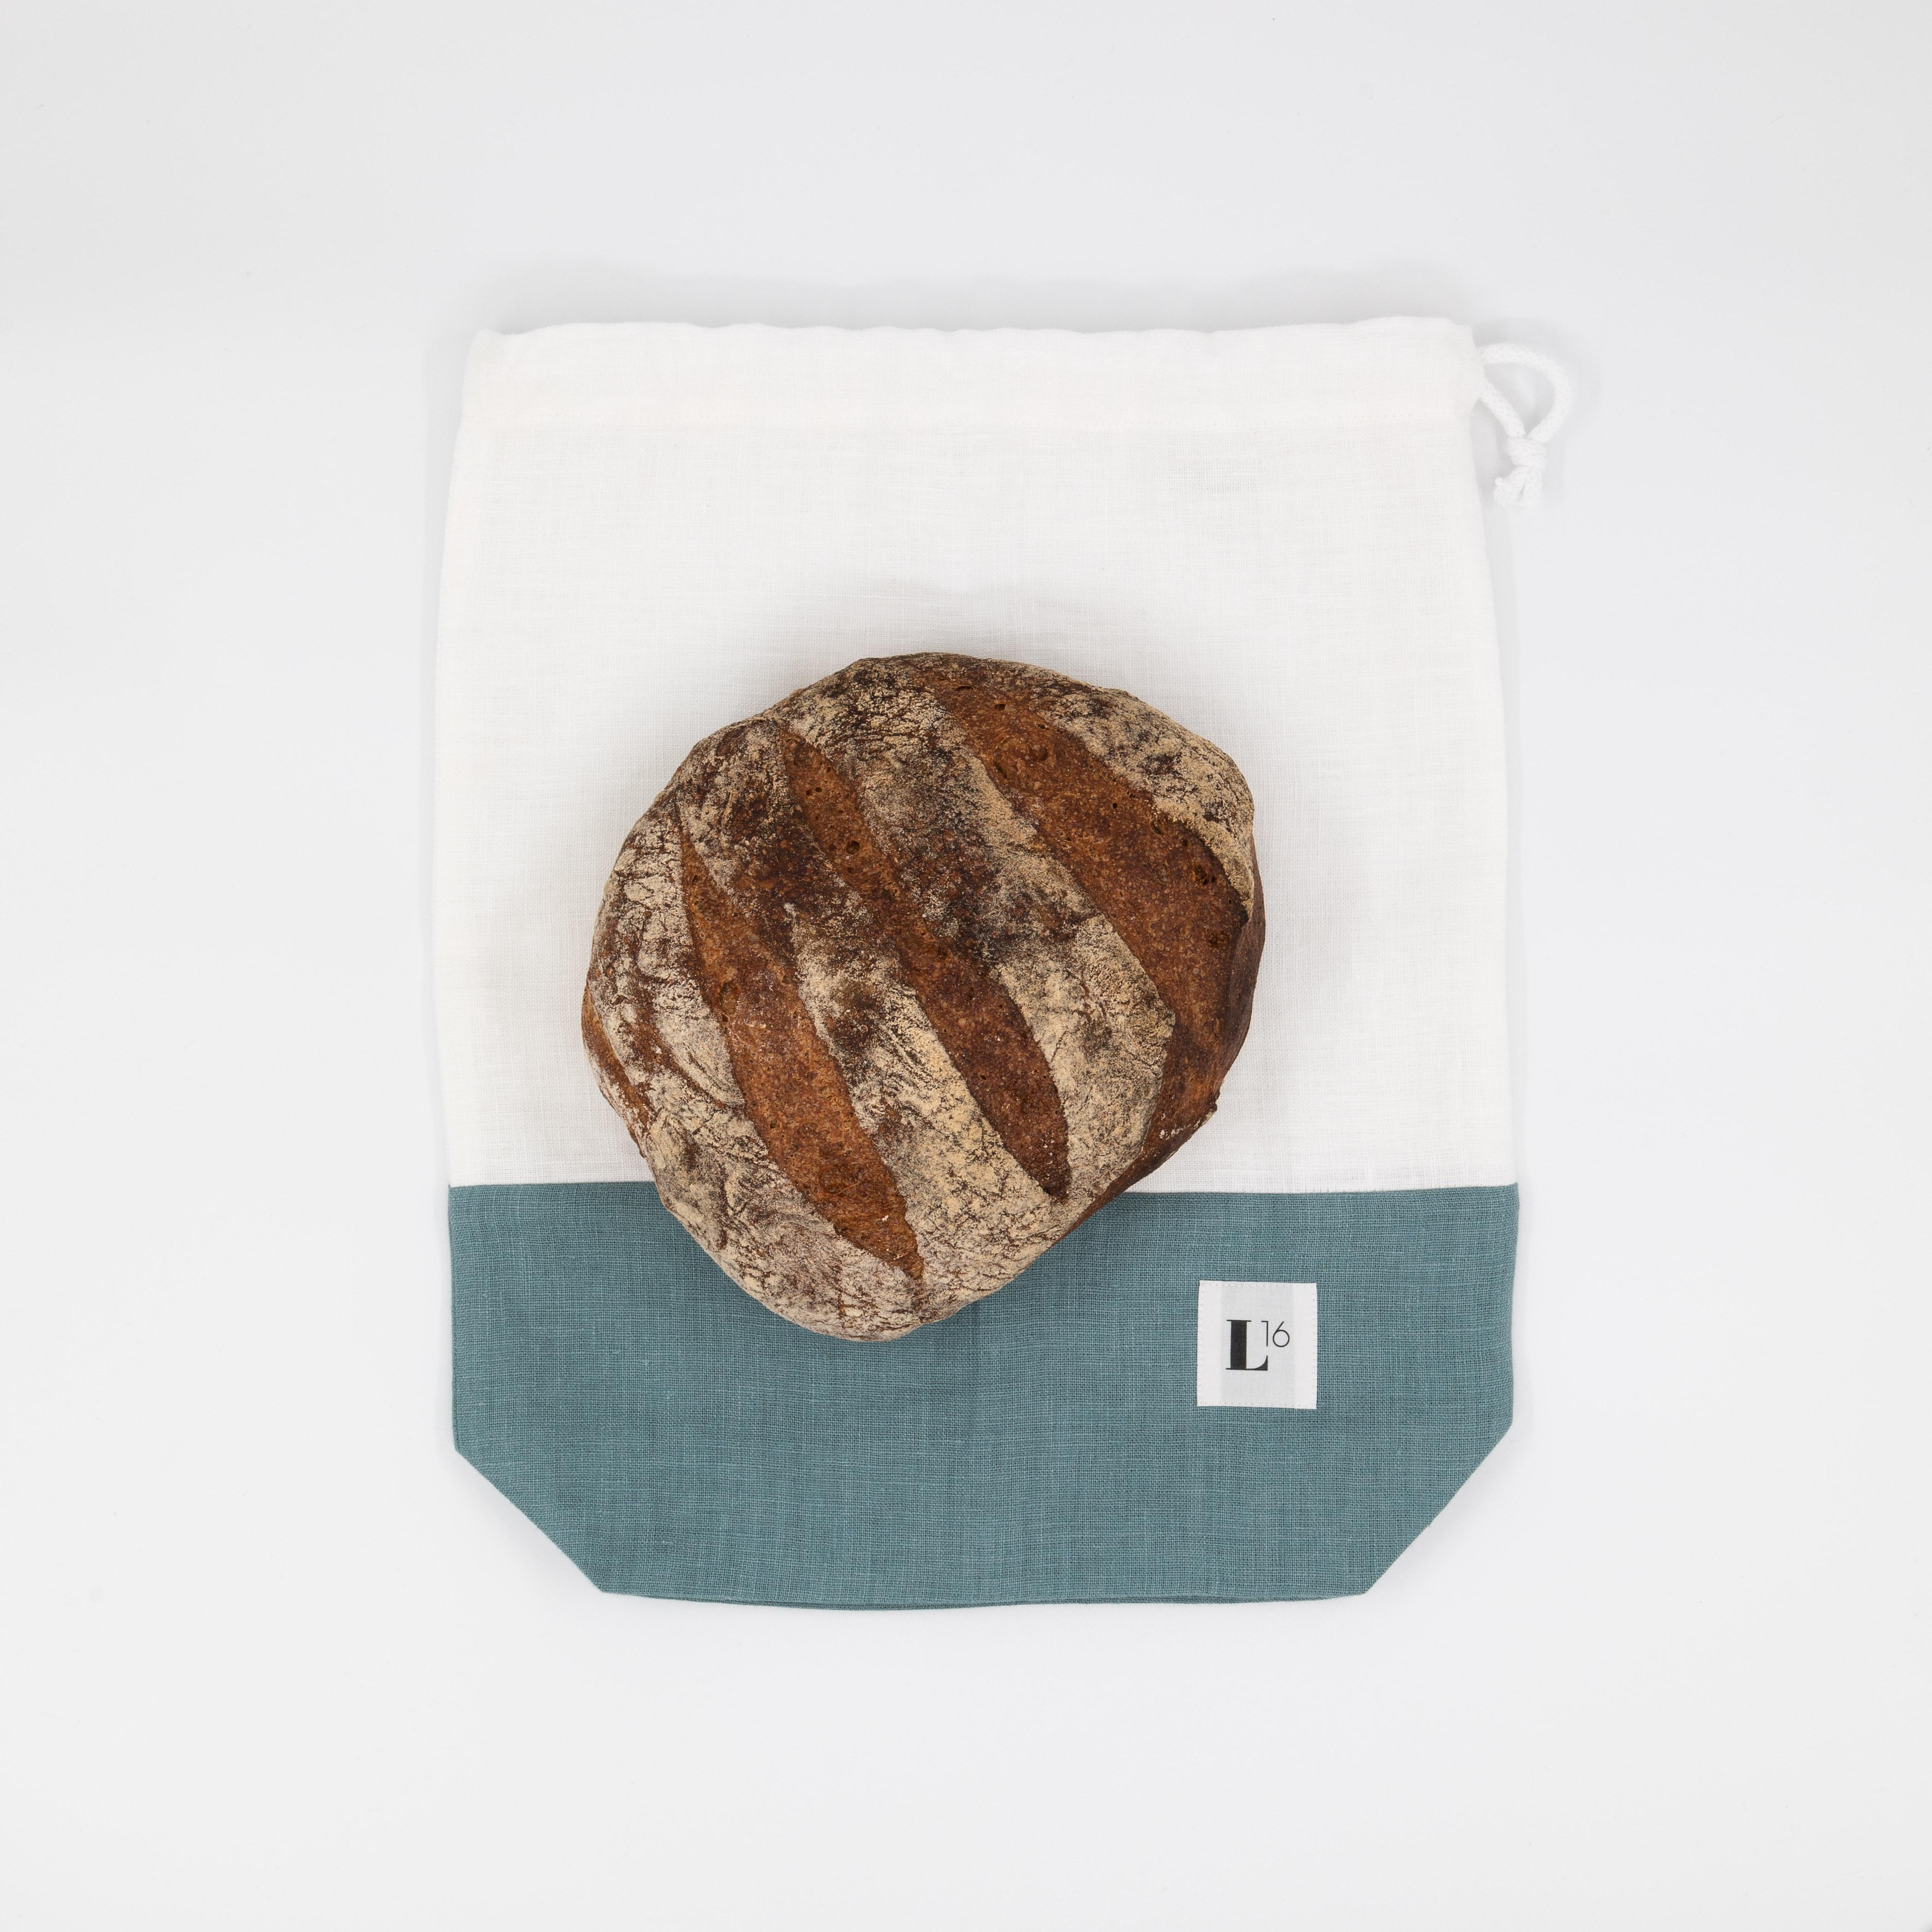 Leinensack in weiss/blau mit Brot drauf.